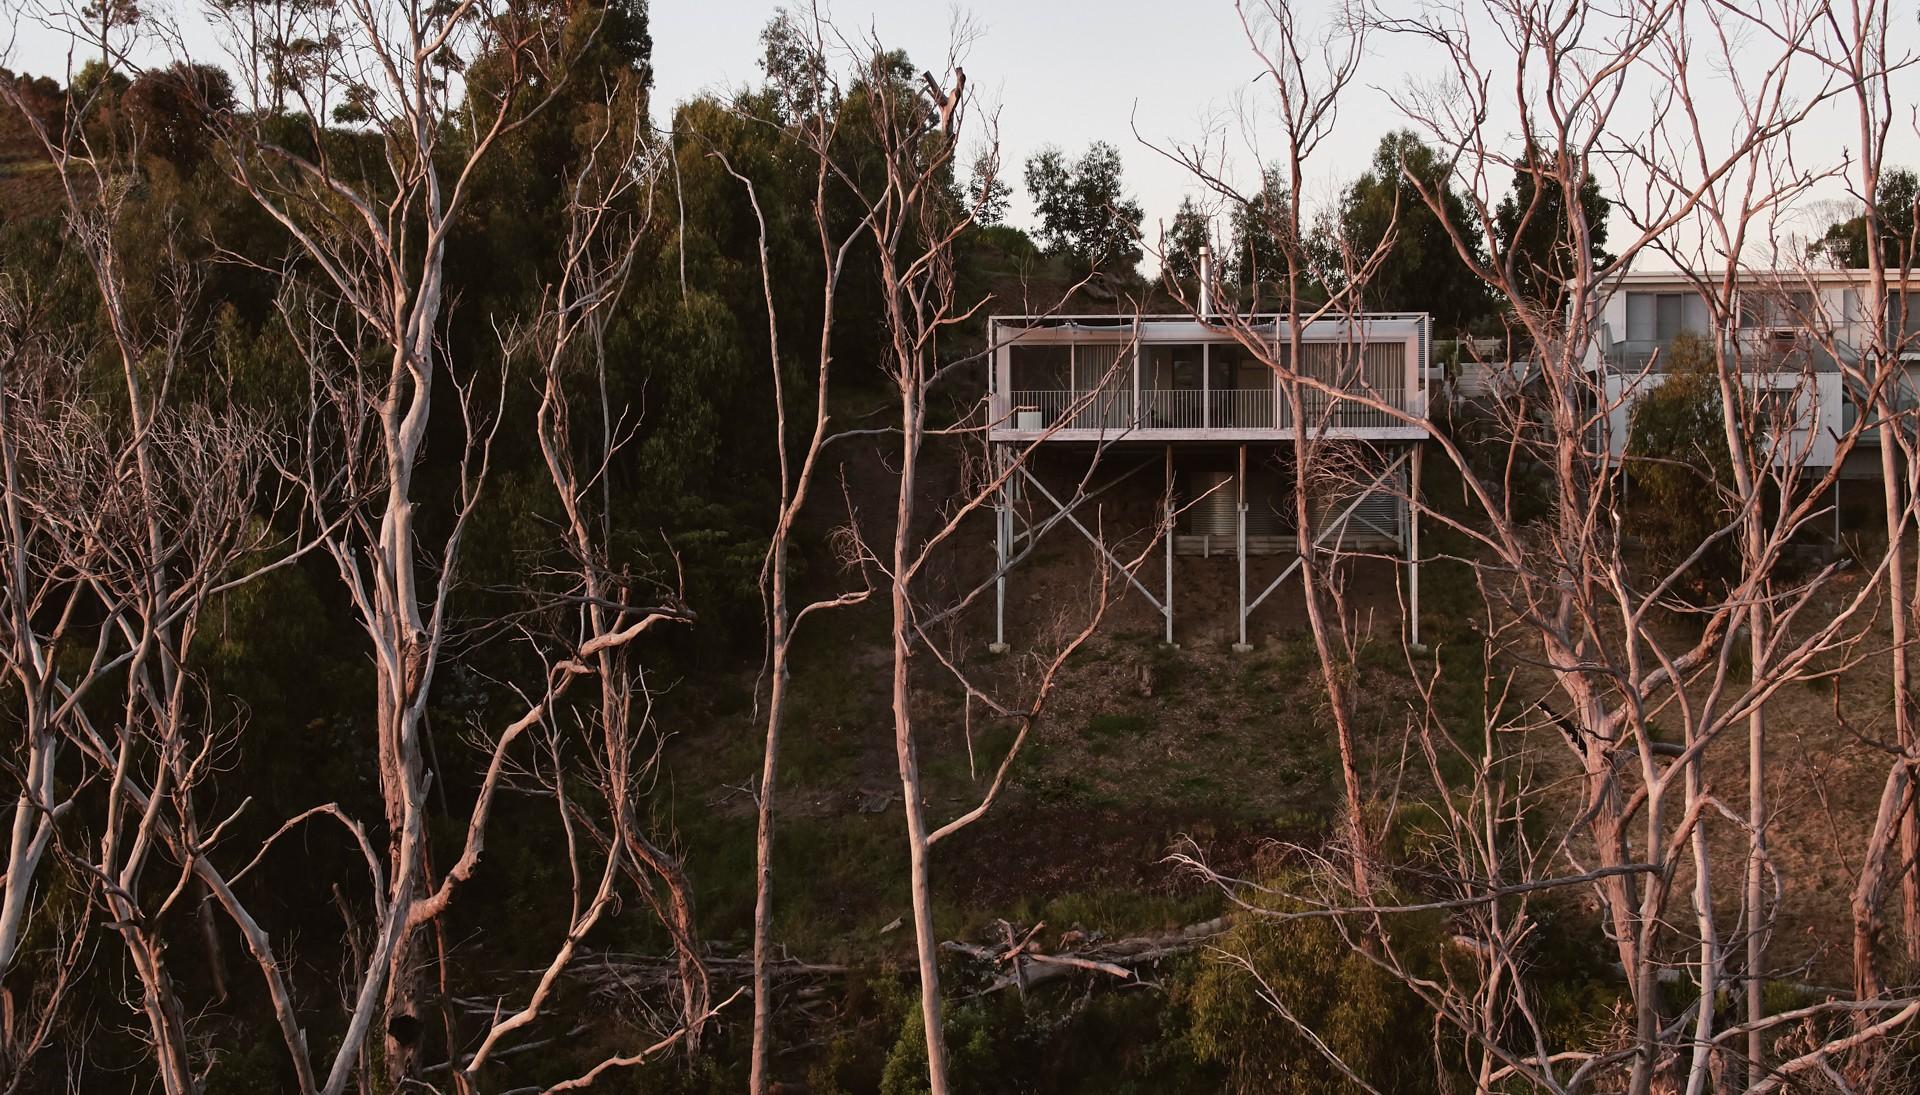 Минималистичный дом, сочетающий брутальность и эстетическую чувственность